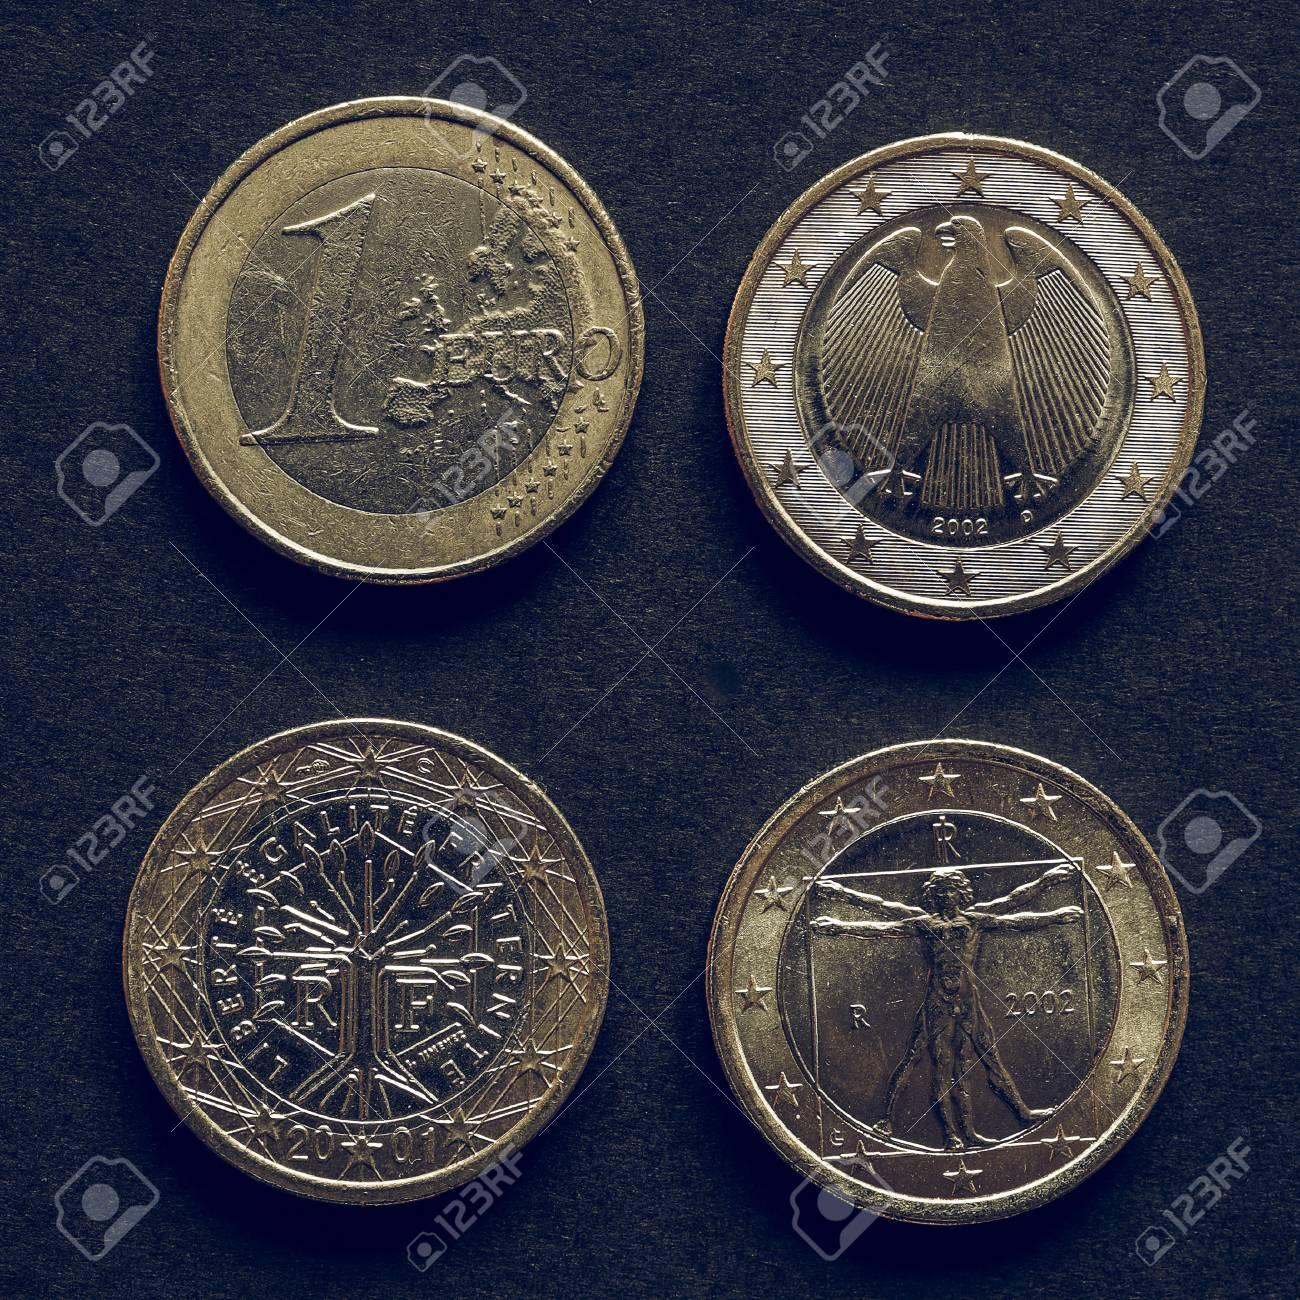 Jahrgang Suchen Euro Münzen Währung Aus Vielen Verschiedenen Ländern